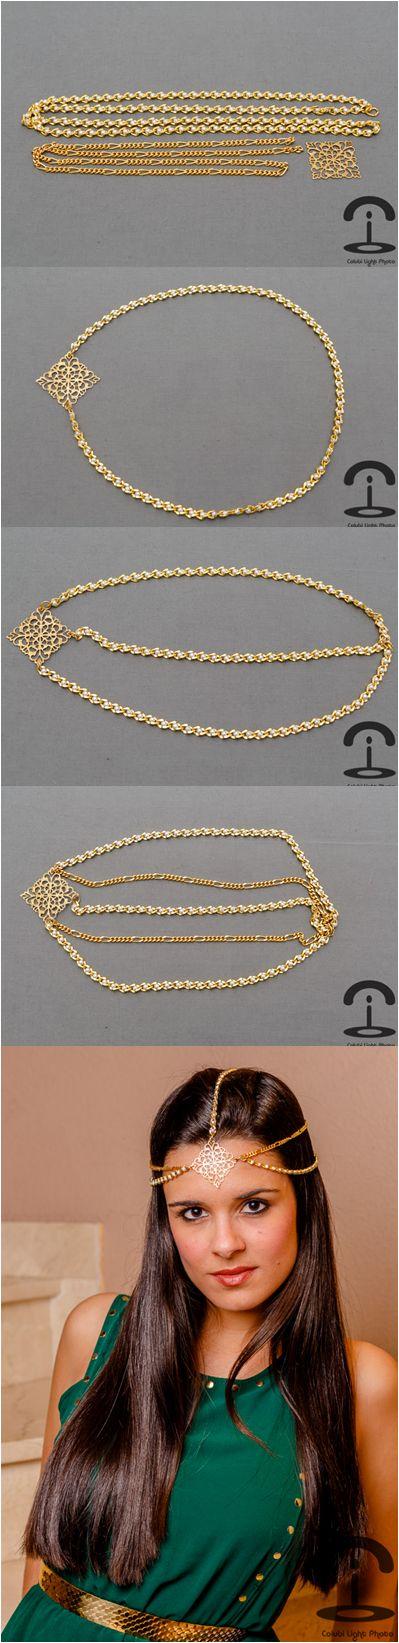 DIY Tiara con cadenas   http://crimenesdelamoda.com/2012/12/10/diy-tiara-con-cadenas/